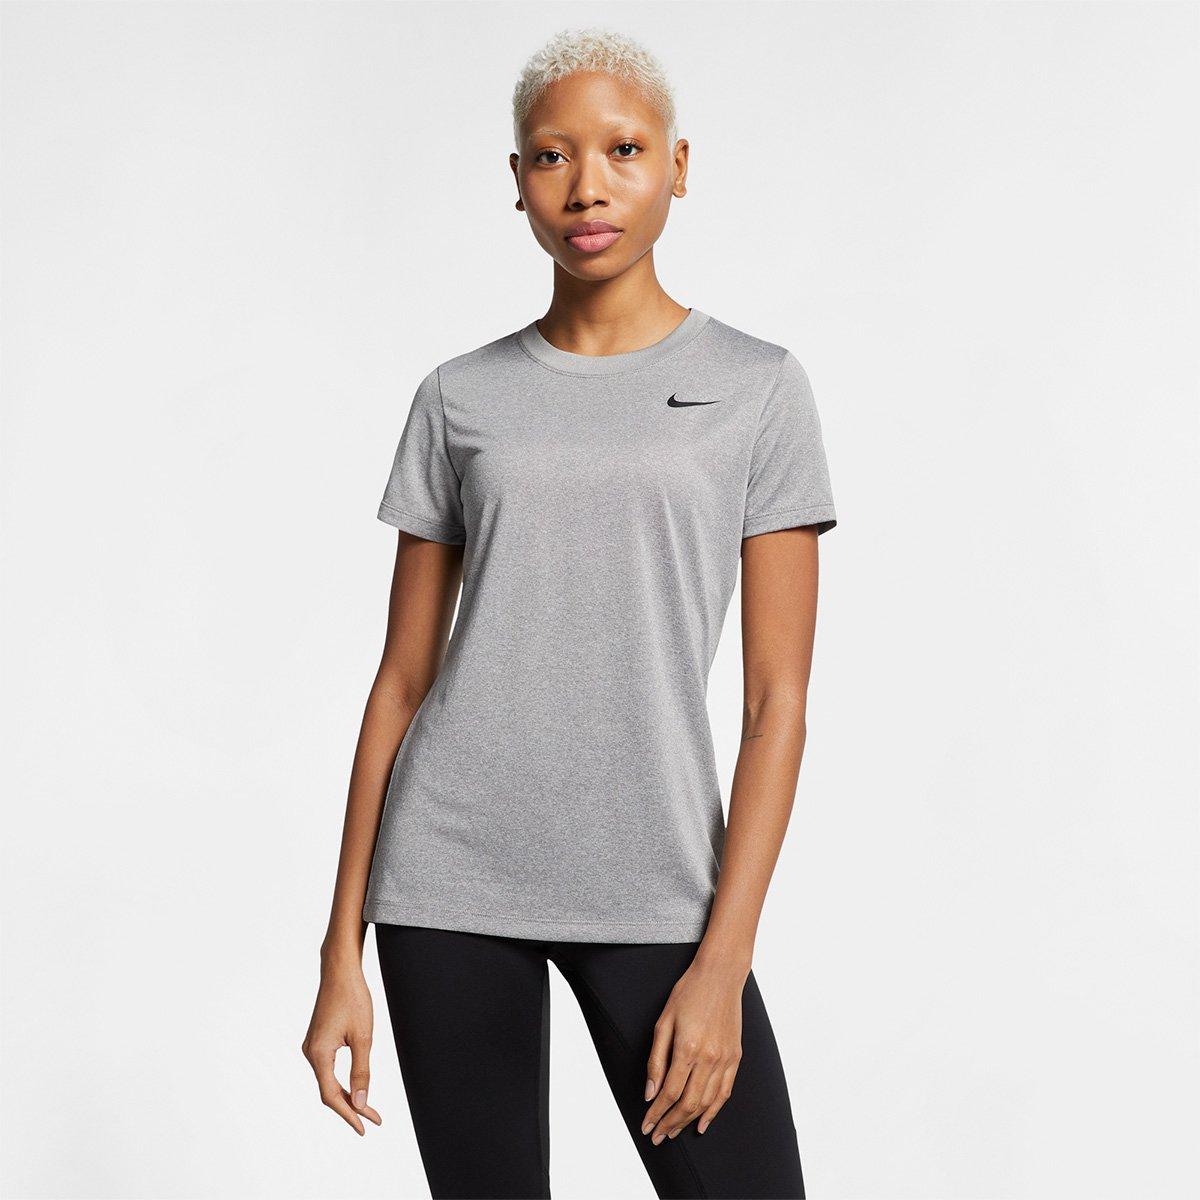 a1b729cd8a8d5 Camiseta Nike Dry Leg Tee Crew Feminina - Cinza - Compre Agora ...